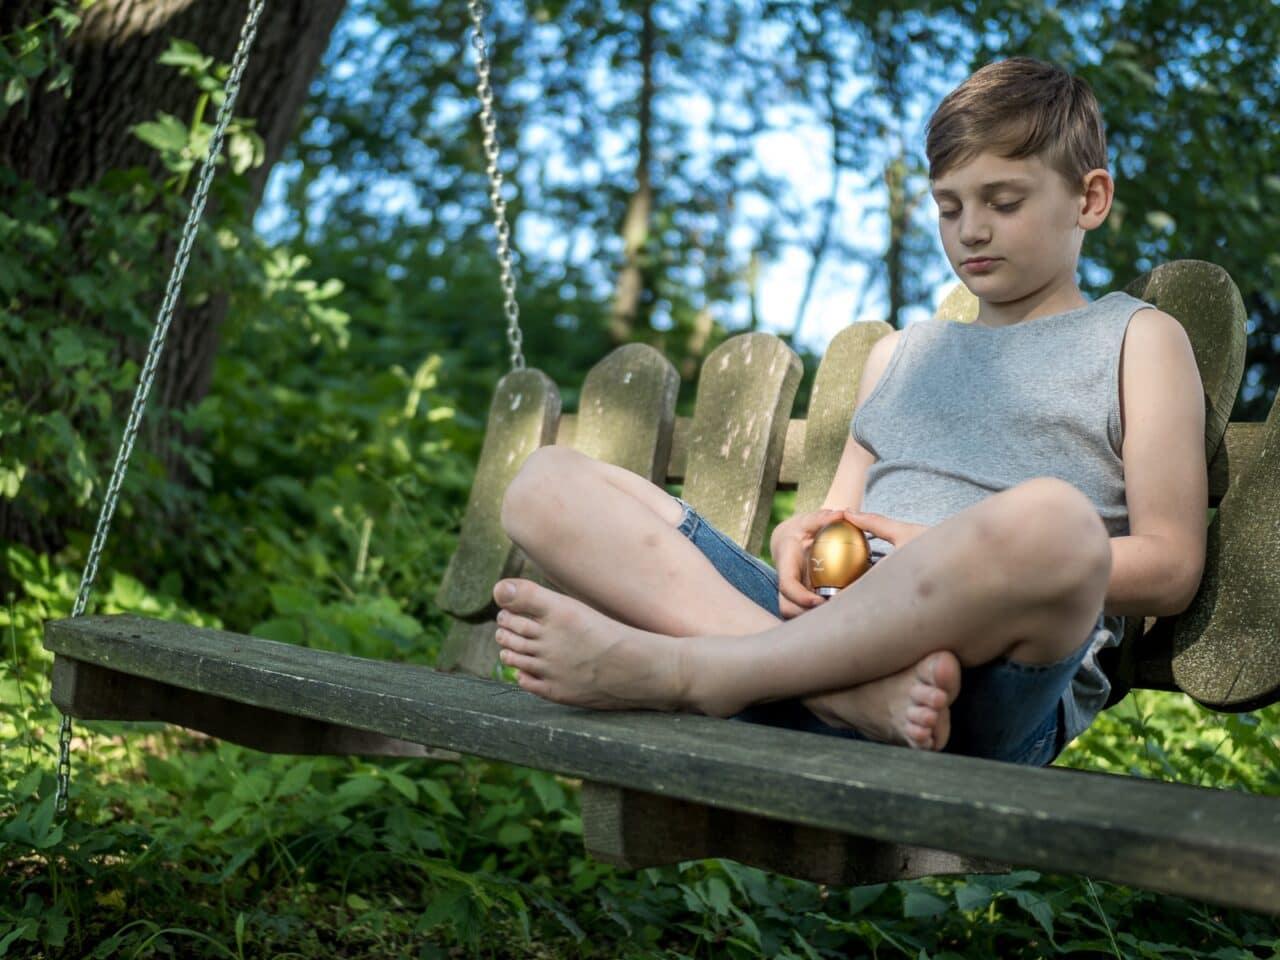 Junge sitzend auf Schaukel mit Klangei gold